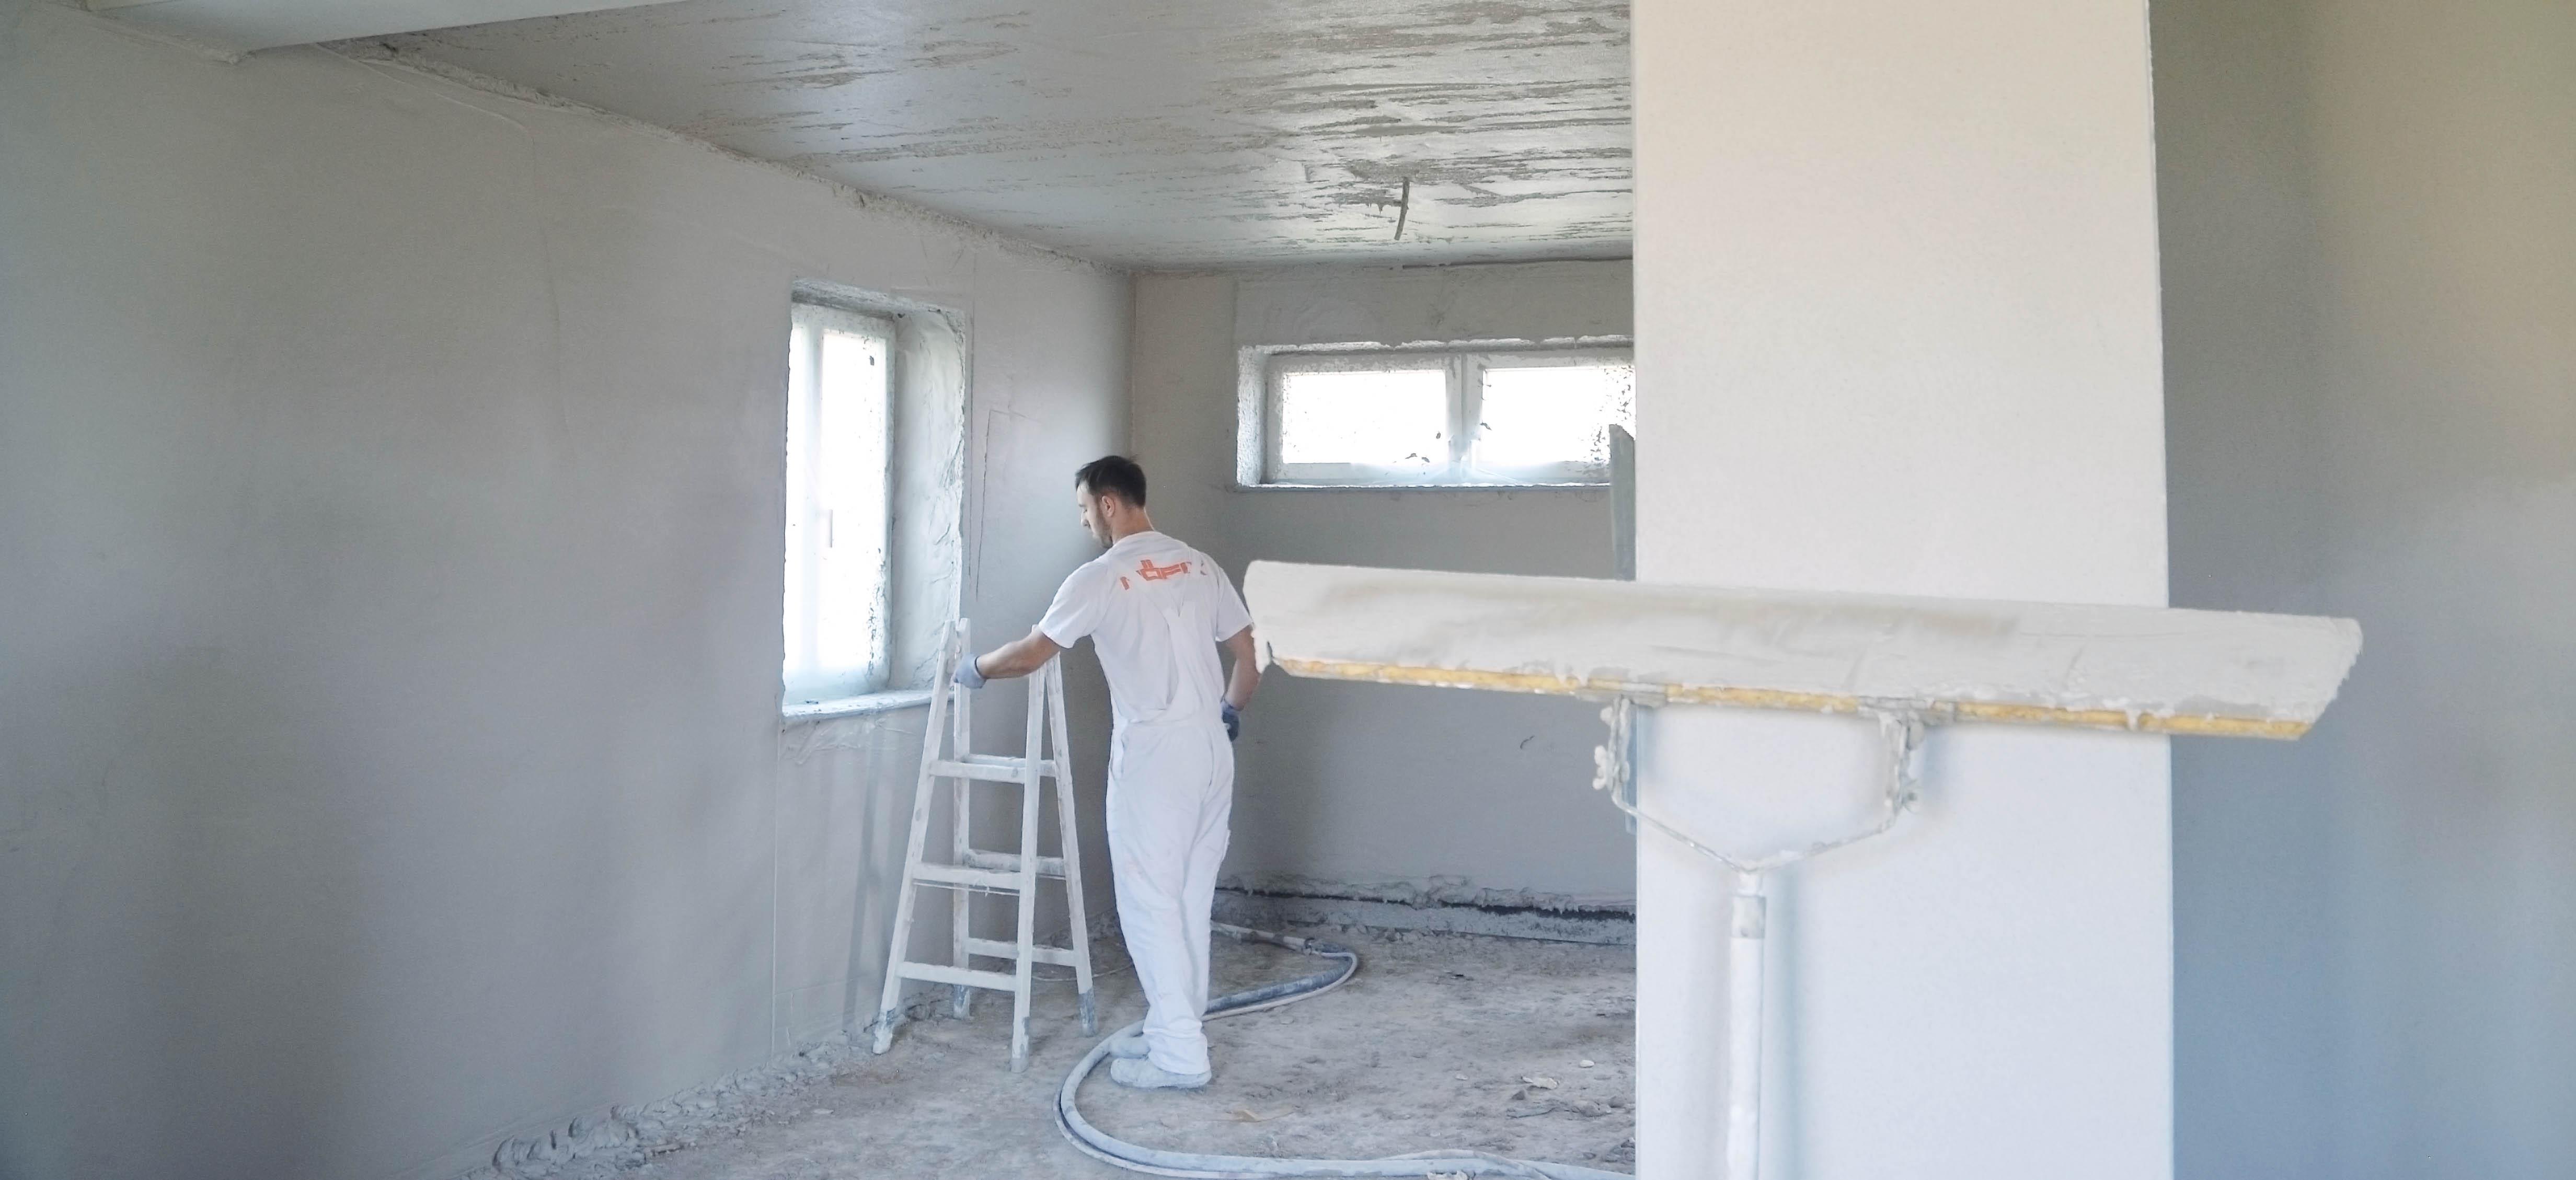 Wohnhaus Sanierung